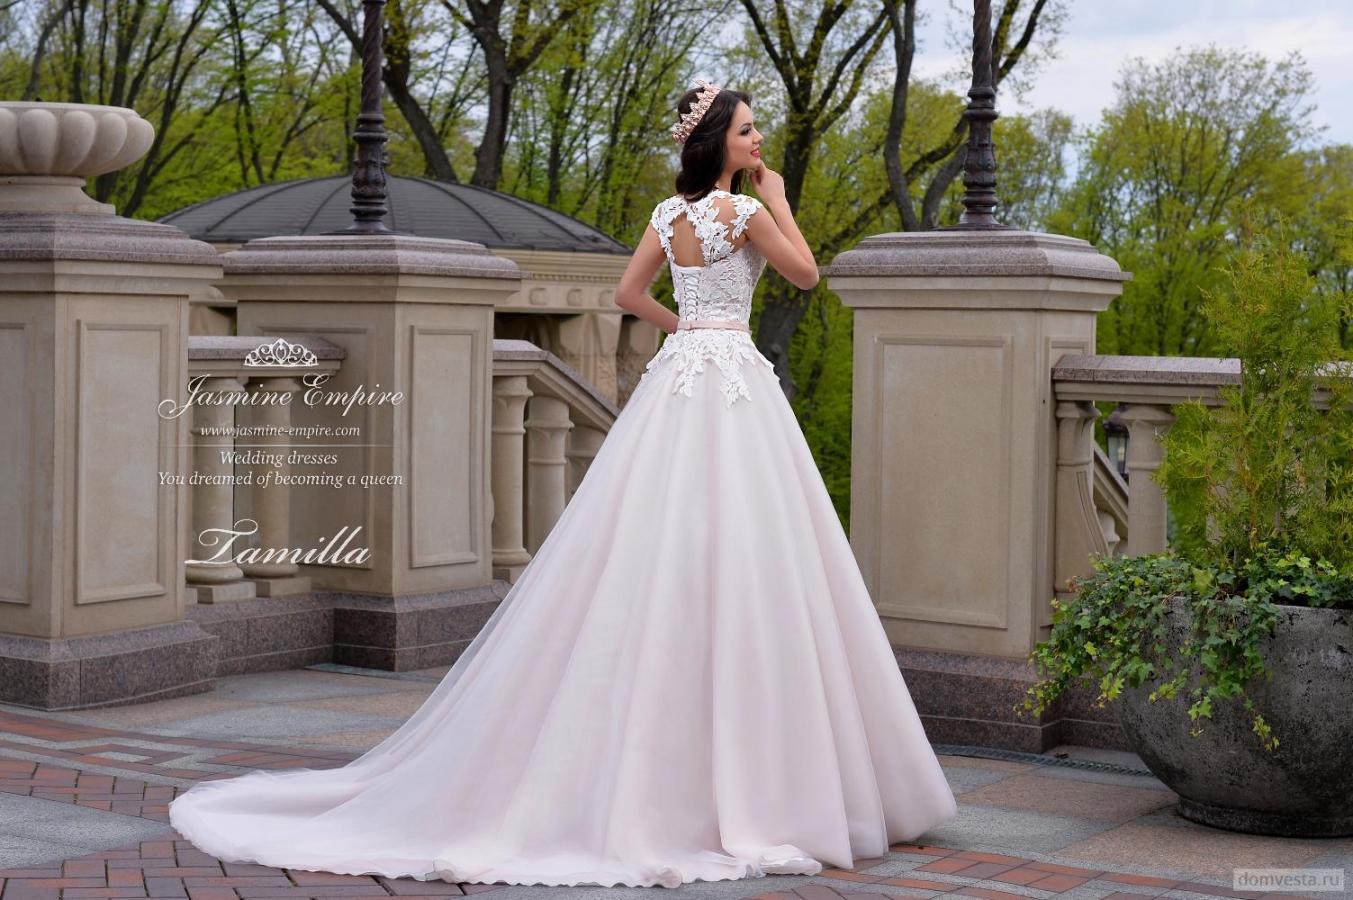 c223c81ae63 Свадебное платье  99999 – изображение № 4